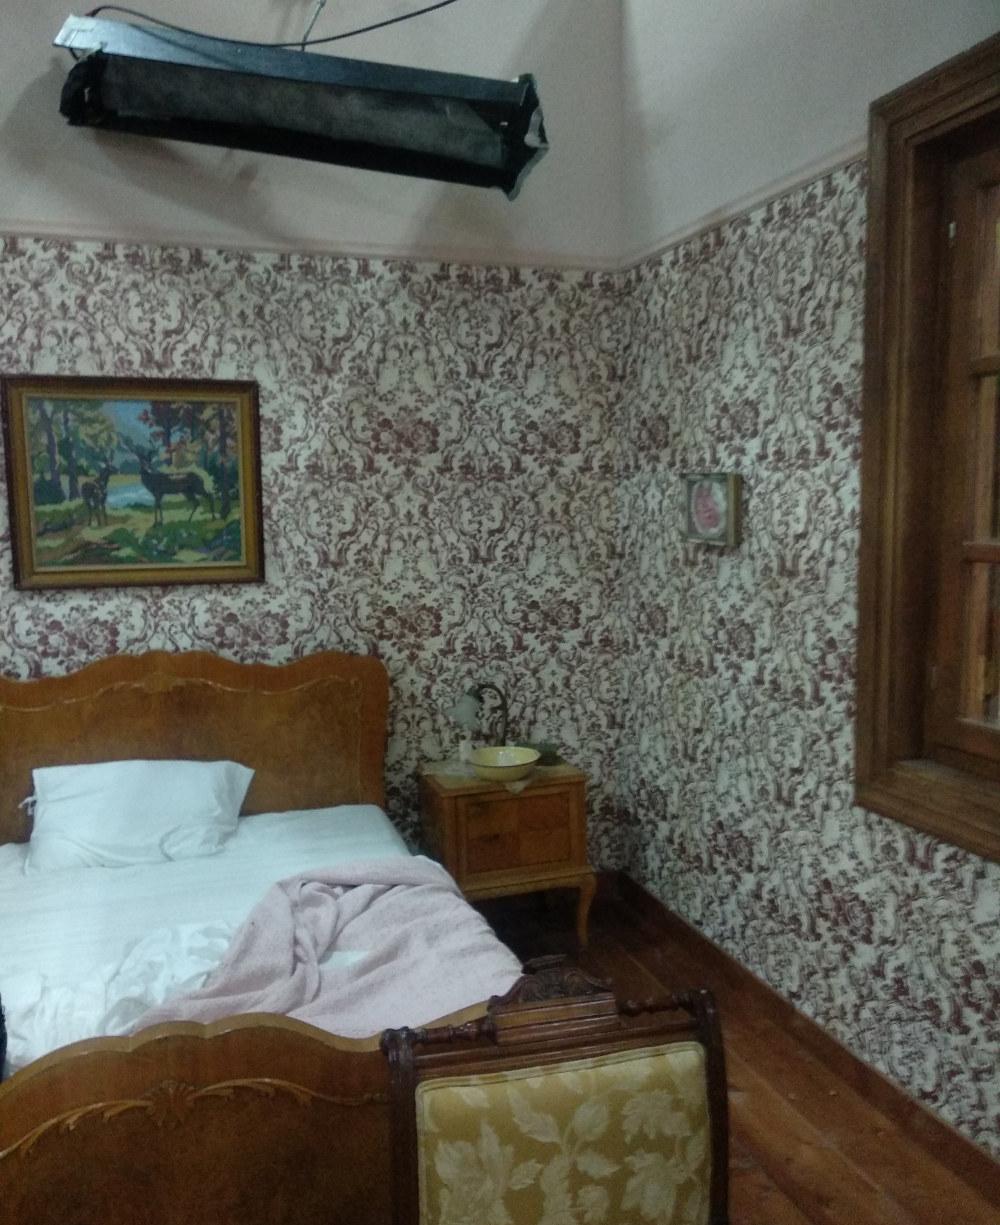 Ξέστρωτη η κρεβατοκάμαρα της Μυρσίνας και του Δούκα Σεβαστού, όσο δεν γίνονται γυρίσματα στο σκηνικό